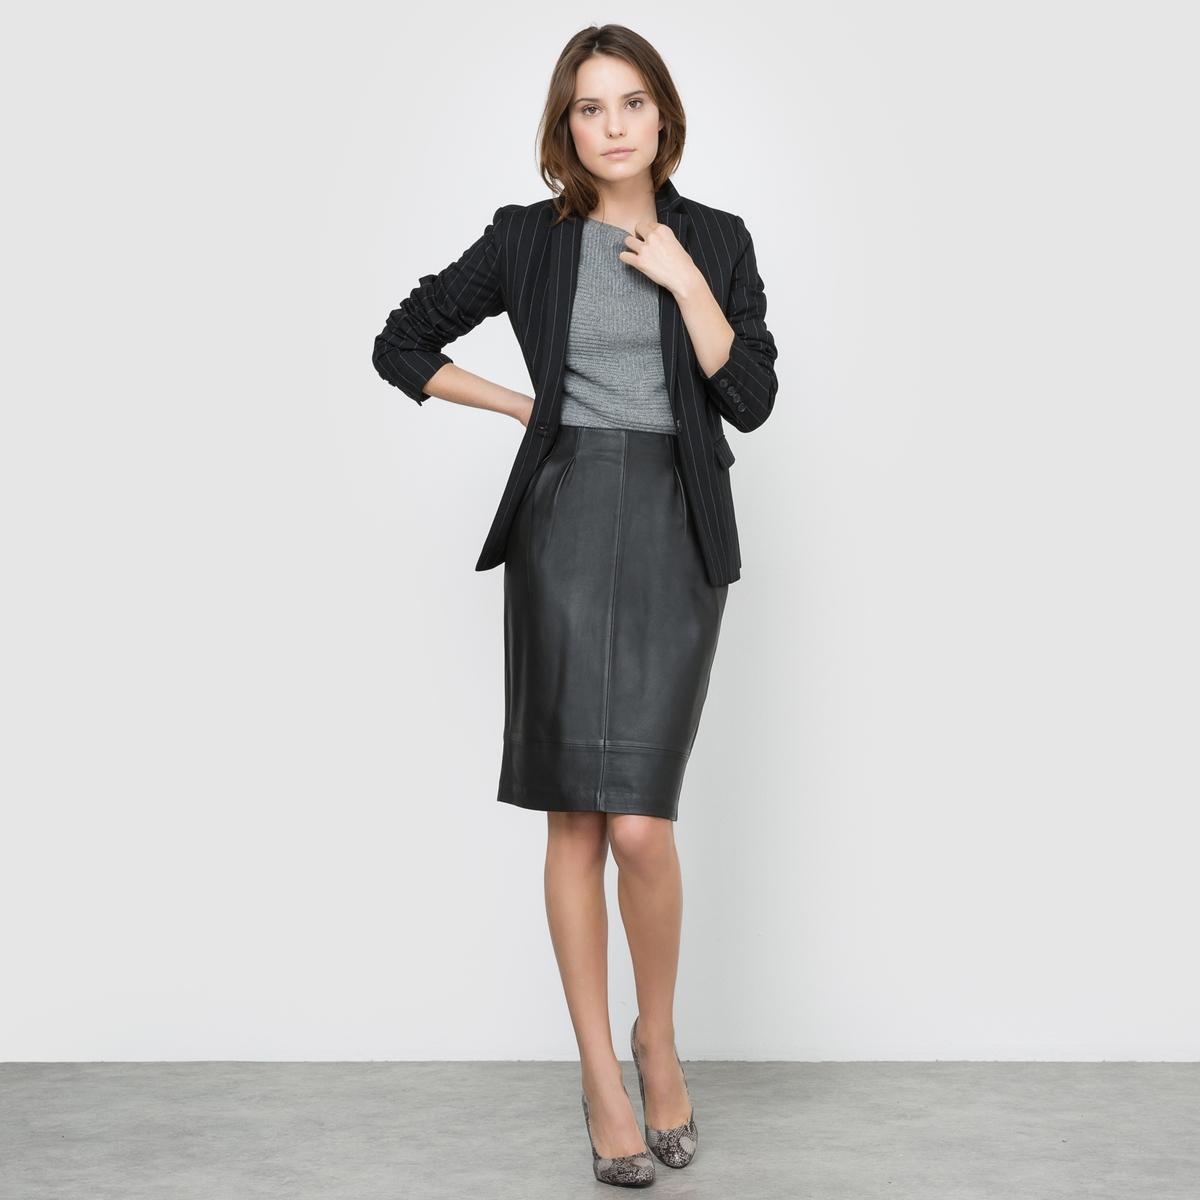 Жакет костюмный в полоскуЖакет костюмный в полоску. Костюмный воротник с небольшими отворотами. Застежка на пуговицу . Длинные рукава и манжеты с застежкой на пуговицы. 2 прорезных кармана с клапаном. На подкладке.Состав и описаниеМарка : Atelier RДлина : 65 смМатериал : Куртка 80% полиэстера, 18% вискозы, 2% эластана - Подкладка 100% полиэстераУходСухая чистка Гладить при низкой температуре с изнаночной стороны<br><br>Цвет: в полоску<br>Размер: 42 (FR) - 48 (RUS).50 (FR) - 56 (RUS)